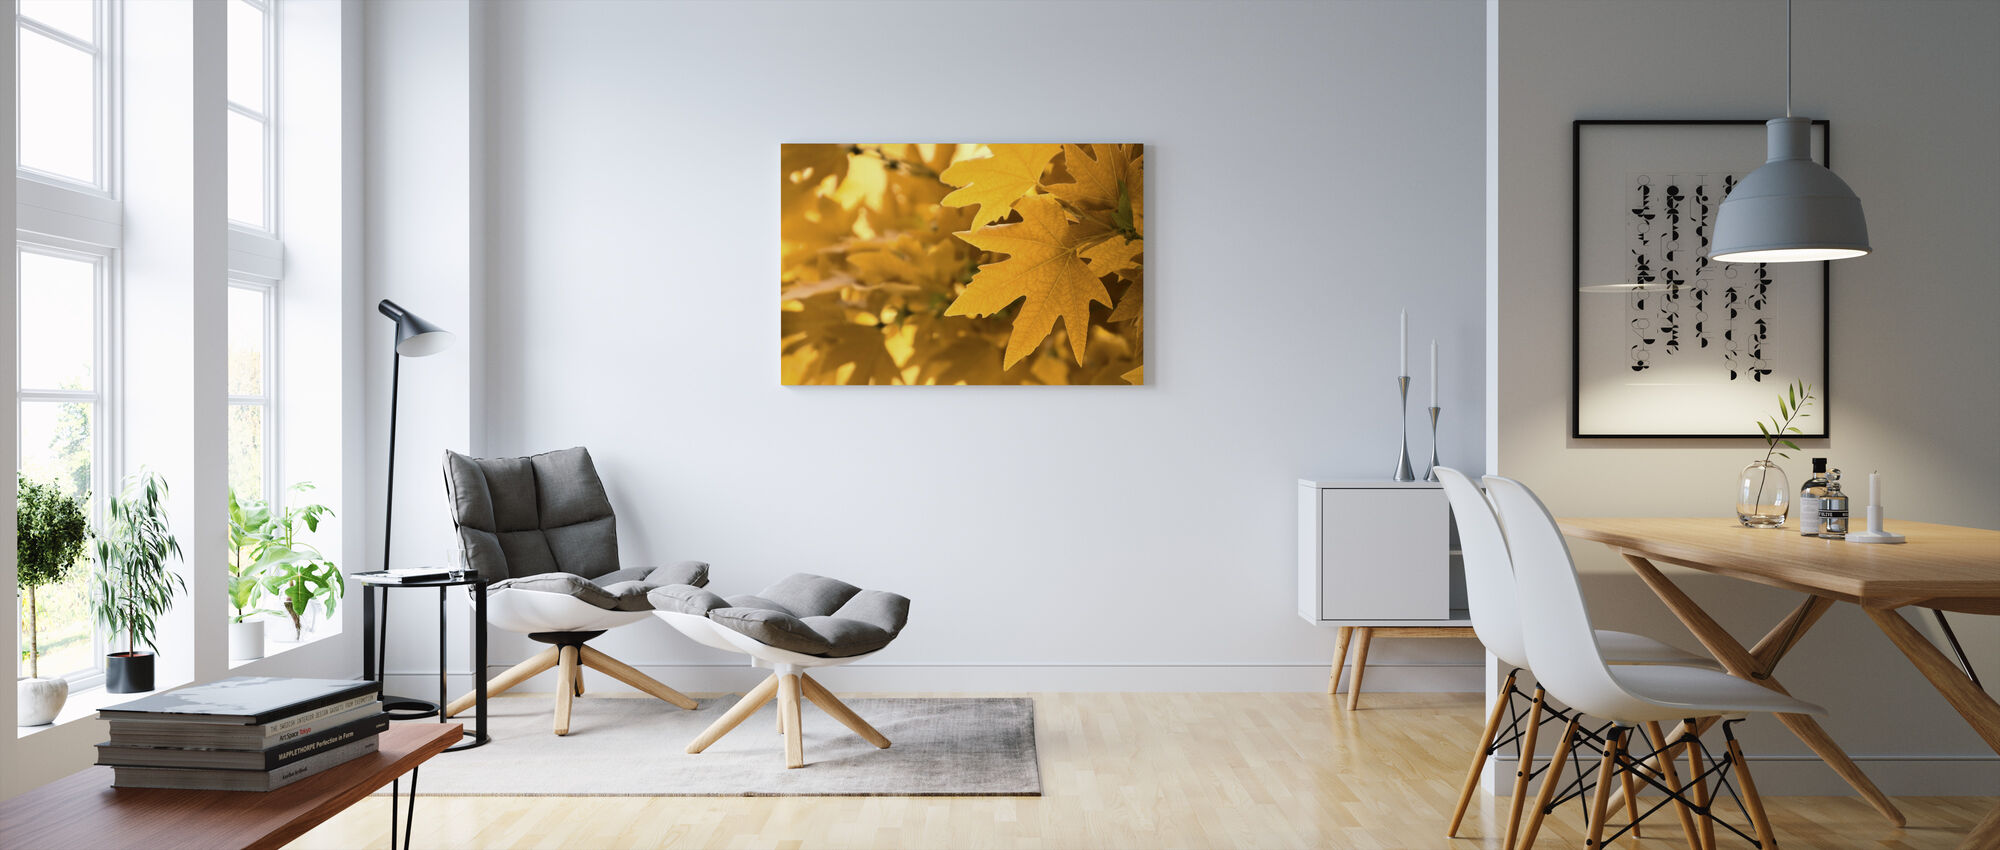 Gele bladeren - Canvas print - Woonkamer